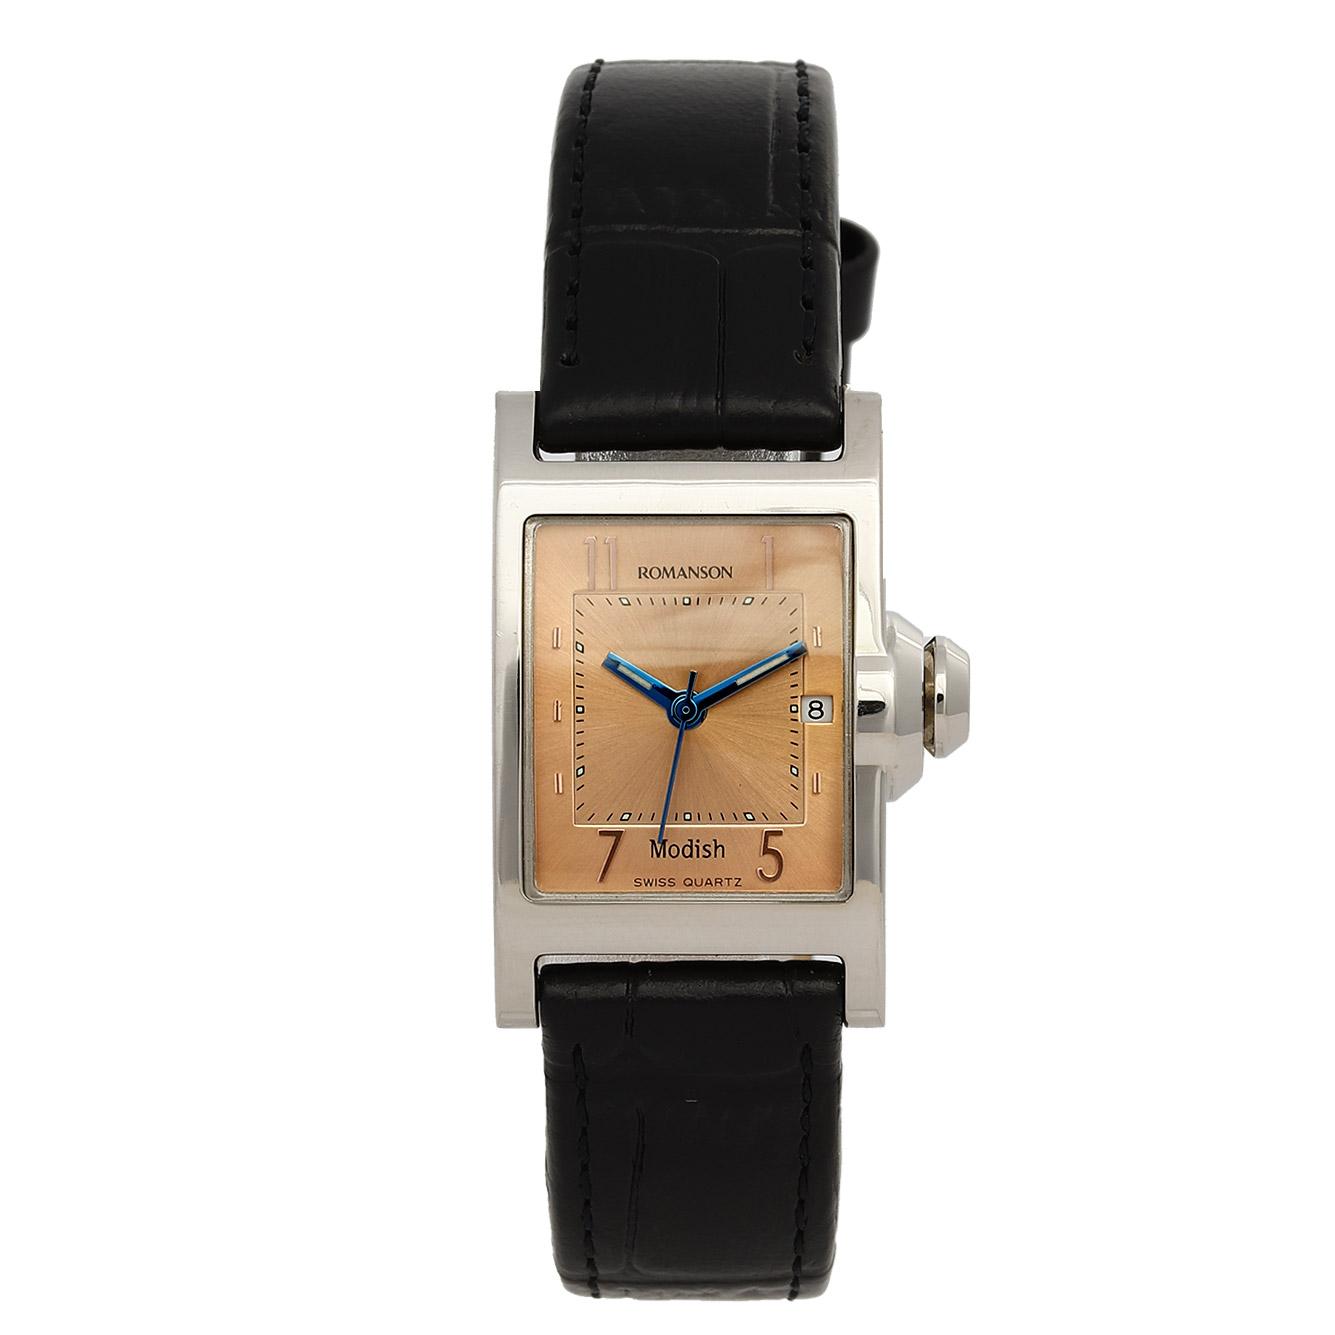 ساعت مچی عقربه ای زنانه رومانسون مدل DL4110LL1JAC6U 51